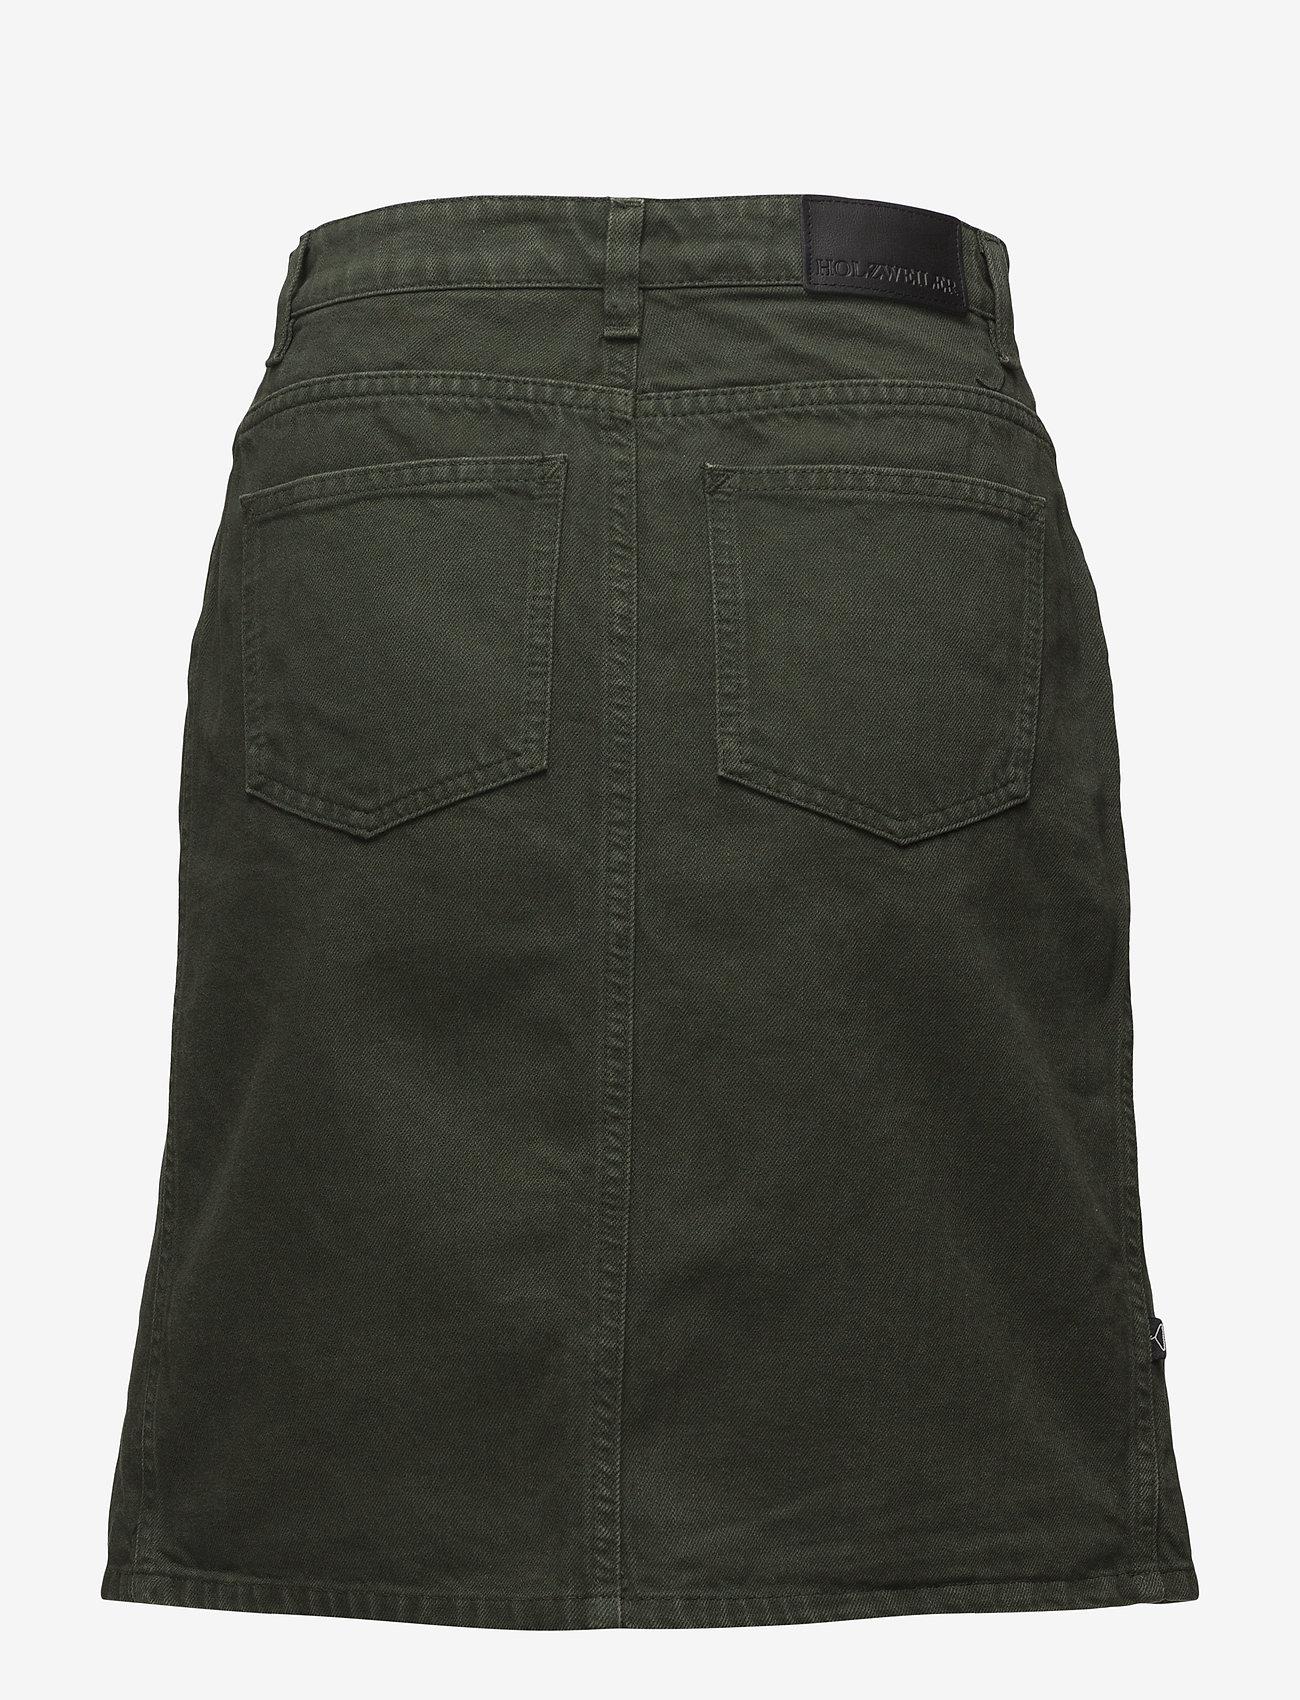 HOLZWEILER BRIDGET Skirt AW18 - Spódnice ARMY - Kobiety Odzież.